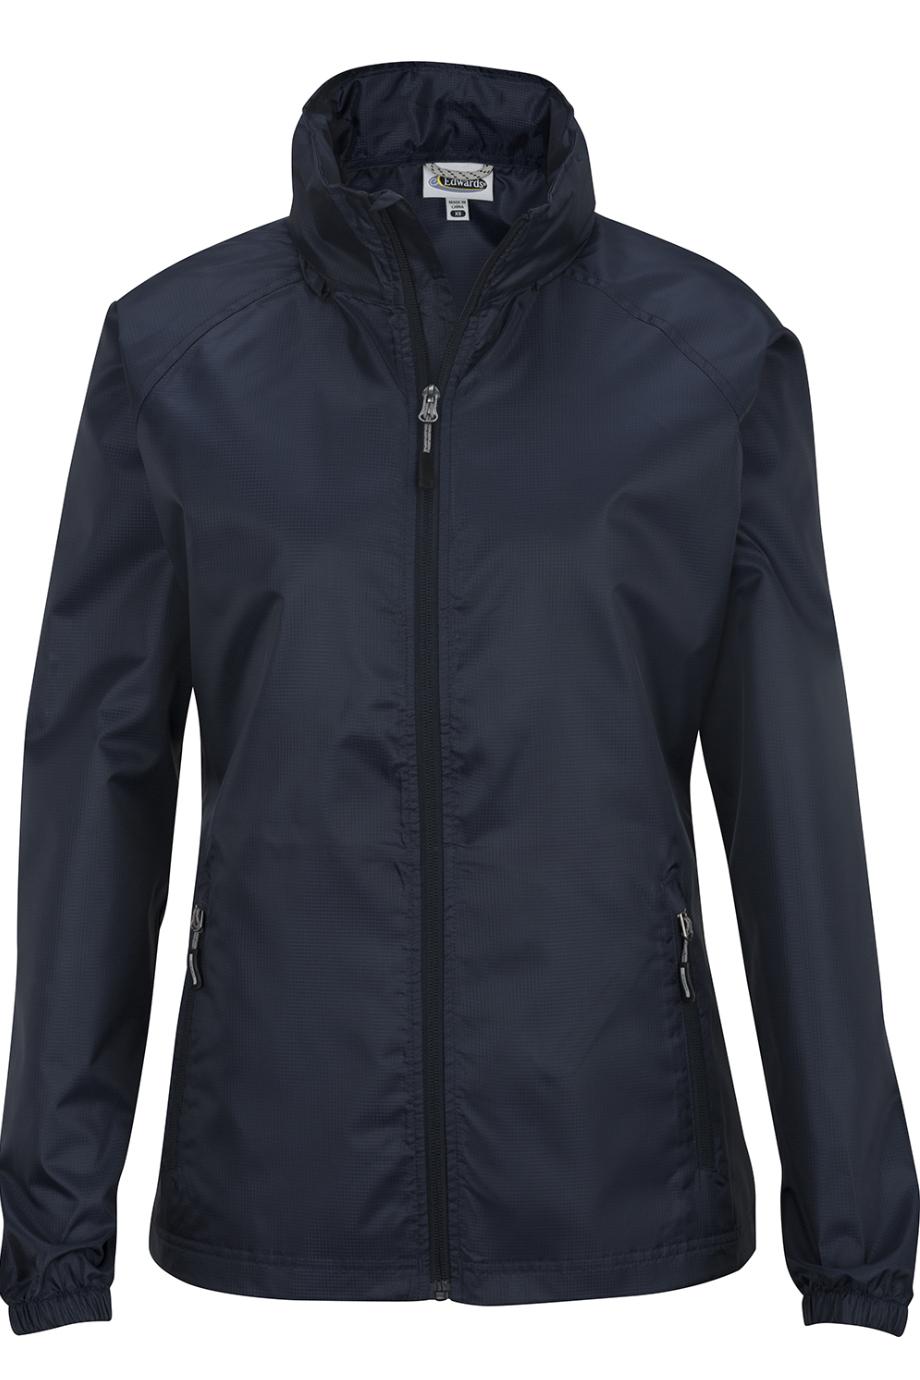 Edwards Hooded Rain Jacket - Ladies-Edwards